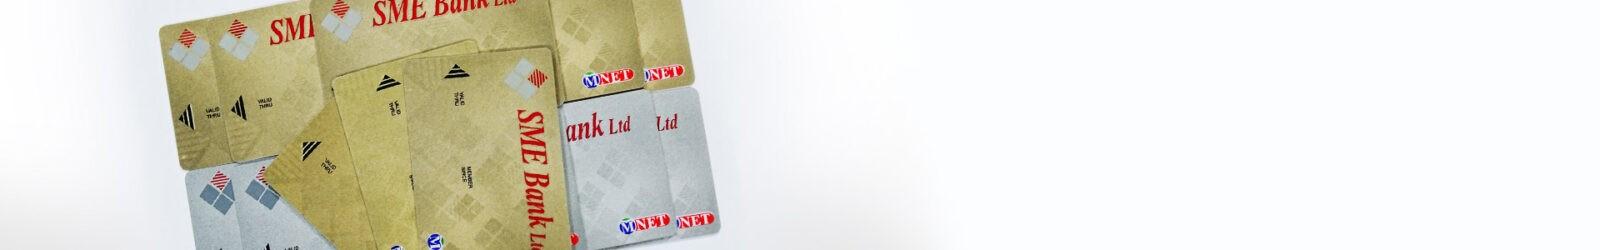 sme_card